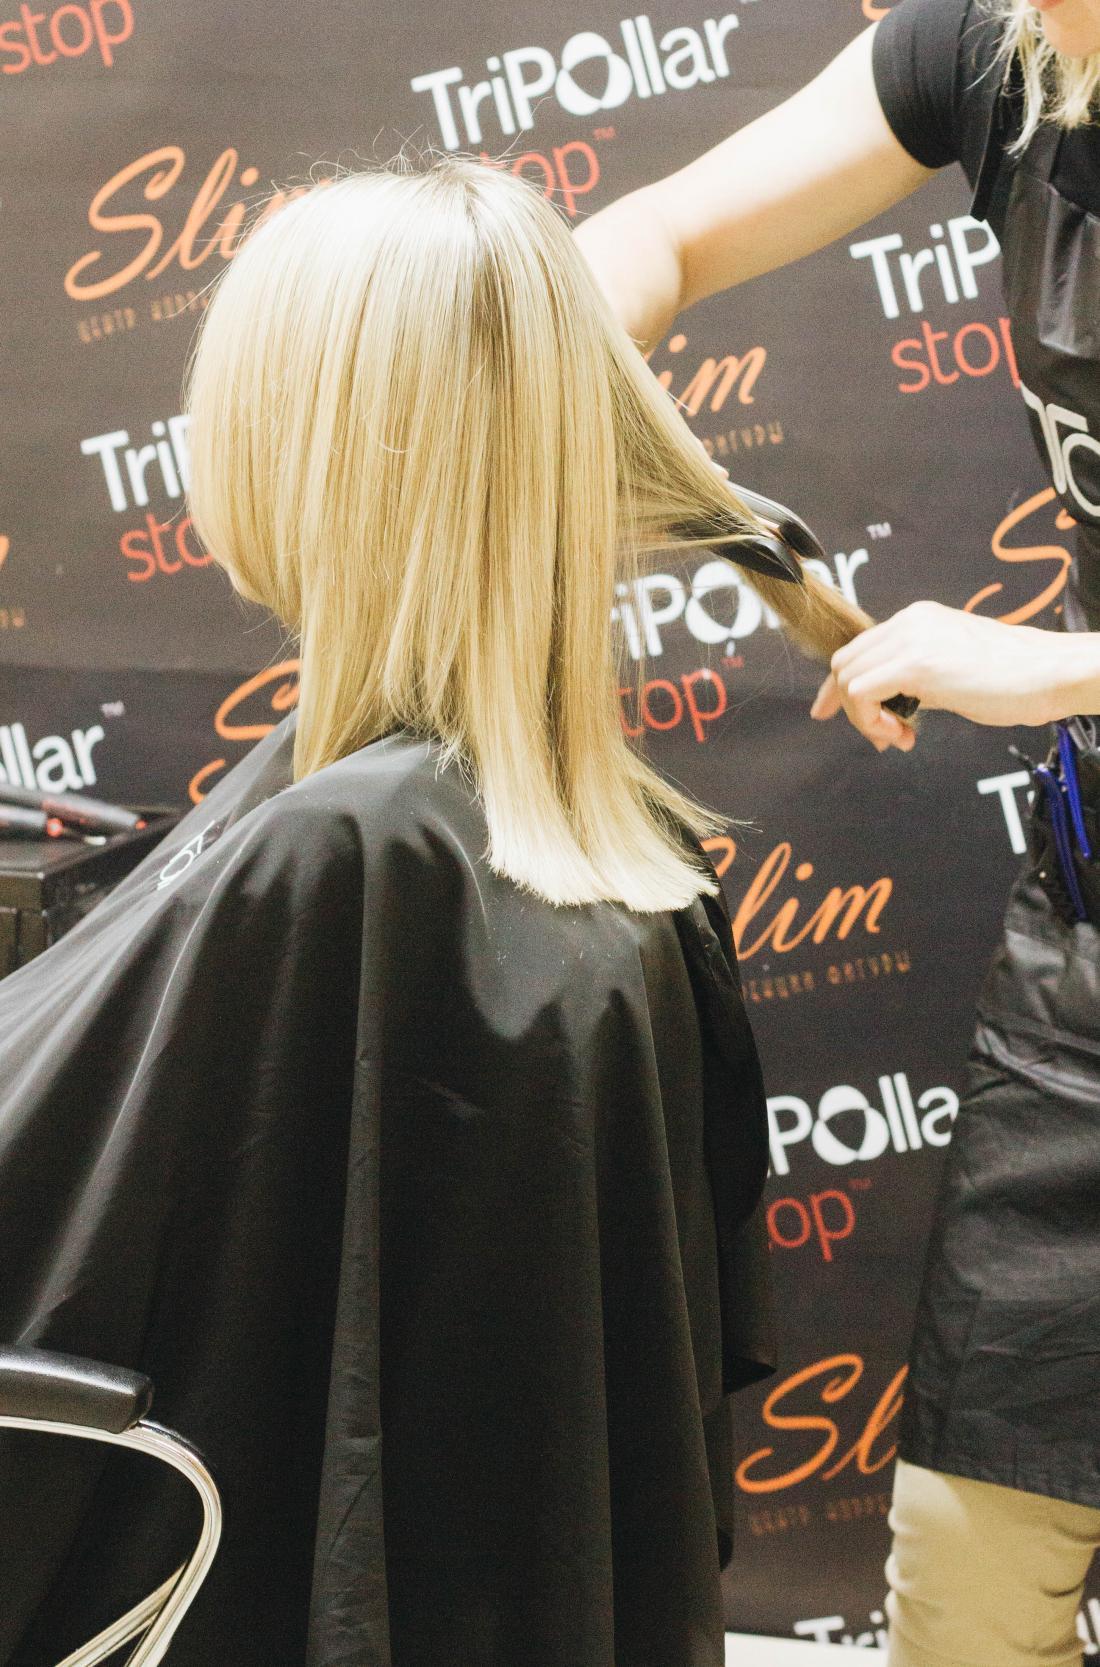 Комплексы для волос: различные виды окрашивания, стрижка, уход от 24 руб.